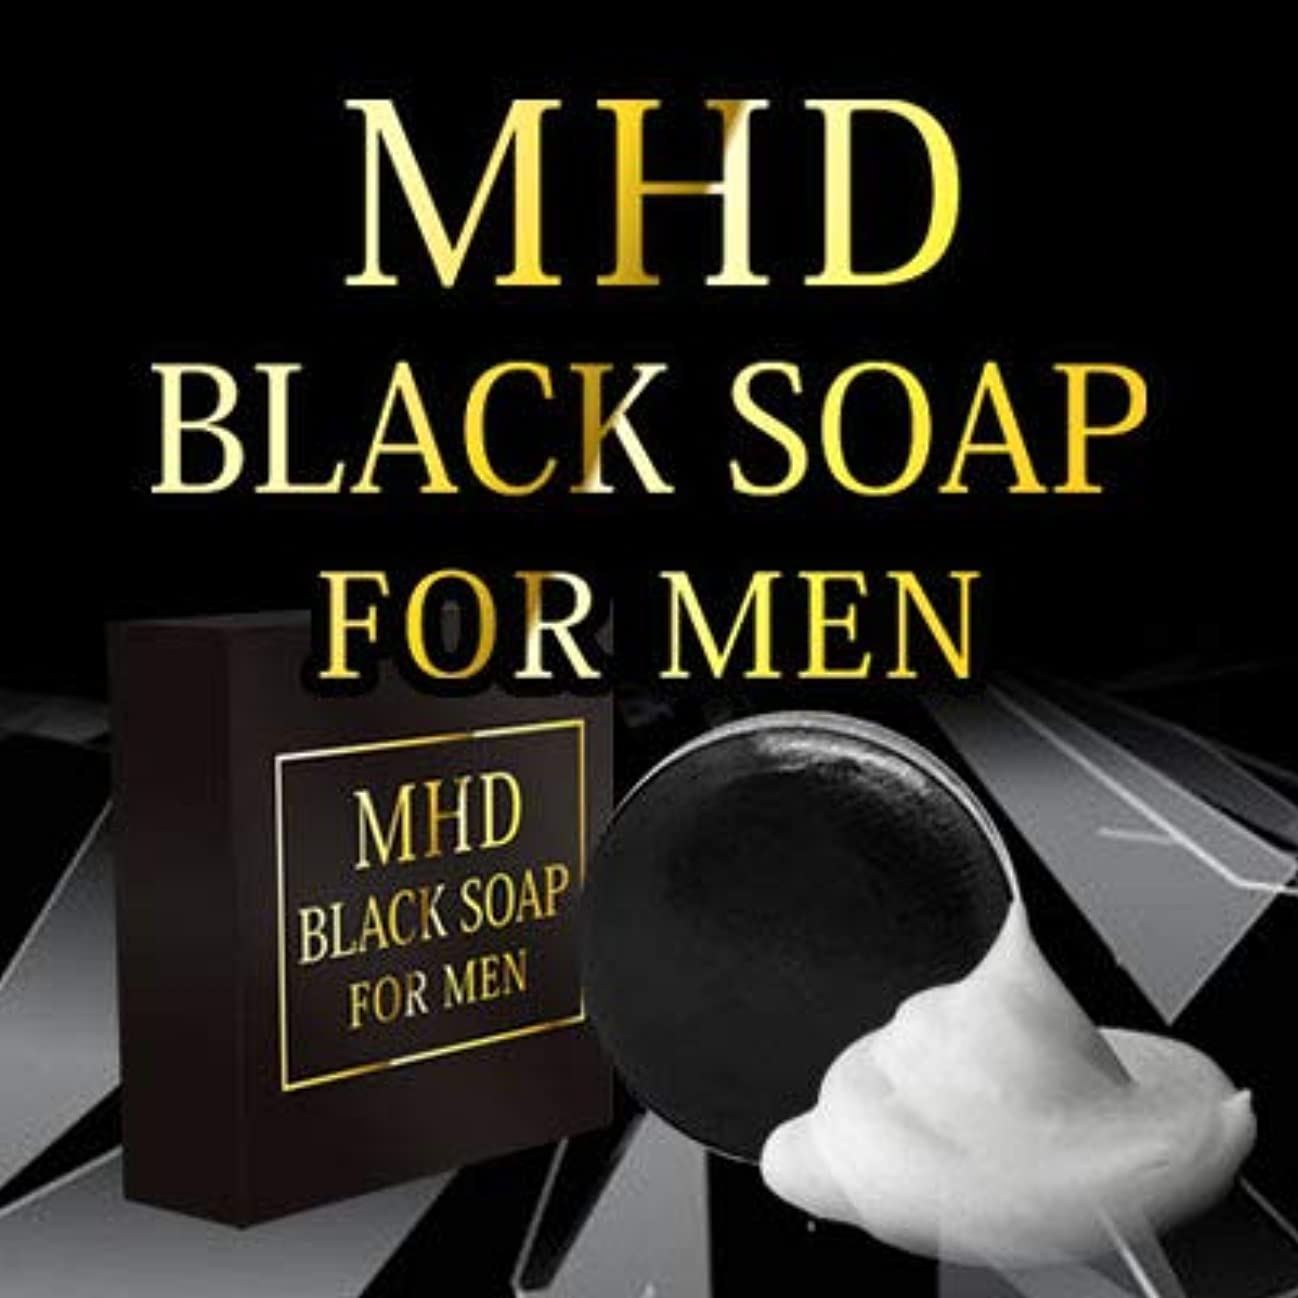 支配する辞書ファンシーMHD石鹸(BLACK SOAP FOR MEN) メンズ用全身ソープ